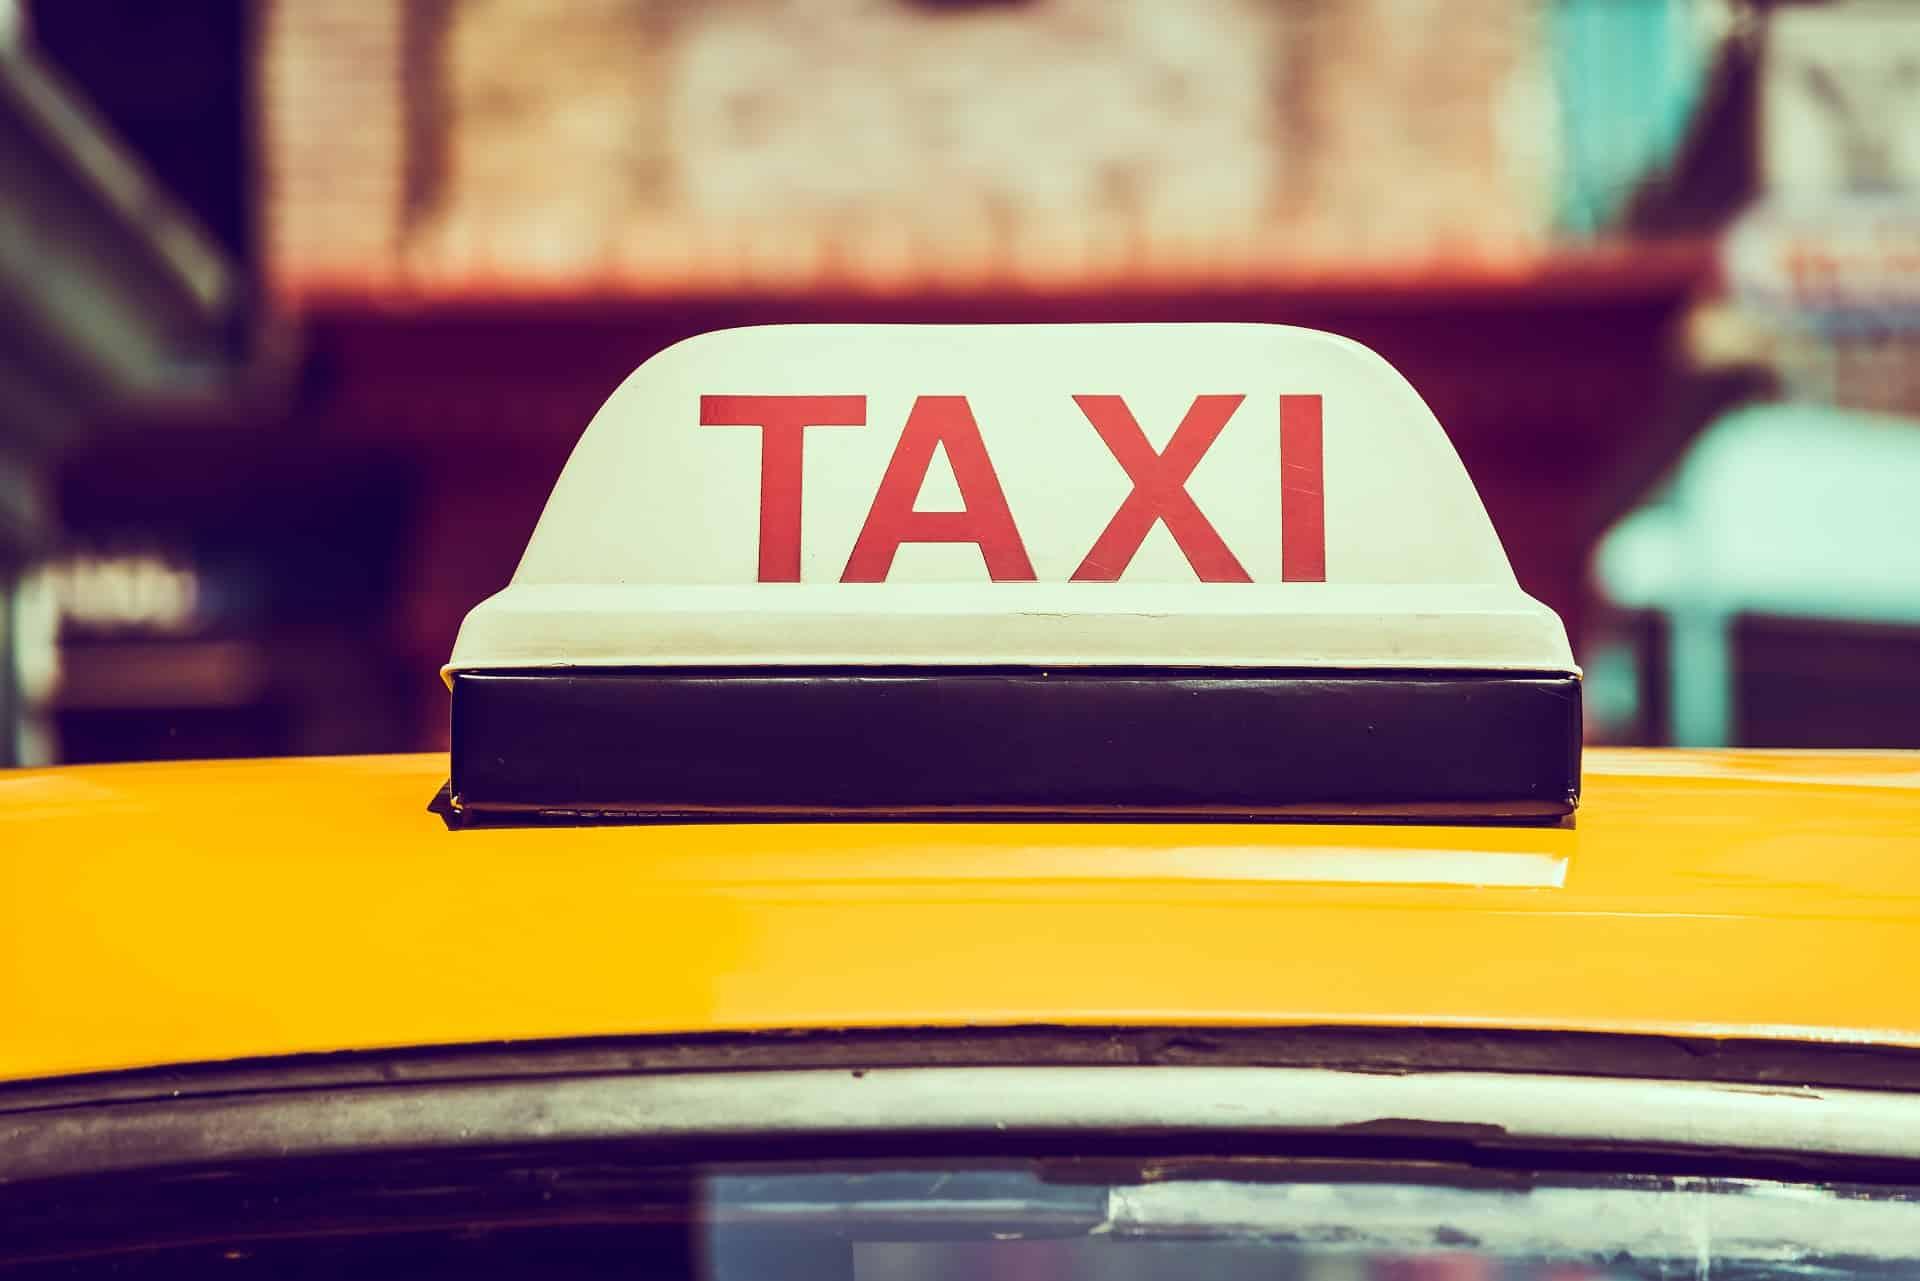 16 đơn vị kinh doanh taxi, xe hợp đồng dưới 9 chỗ đủ điều kiện hoạt động trở lại - Cổng thông tin du lịch thành phố Đà Nẵng